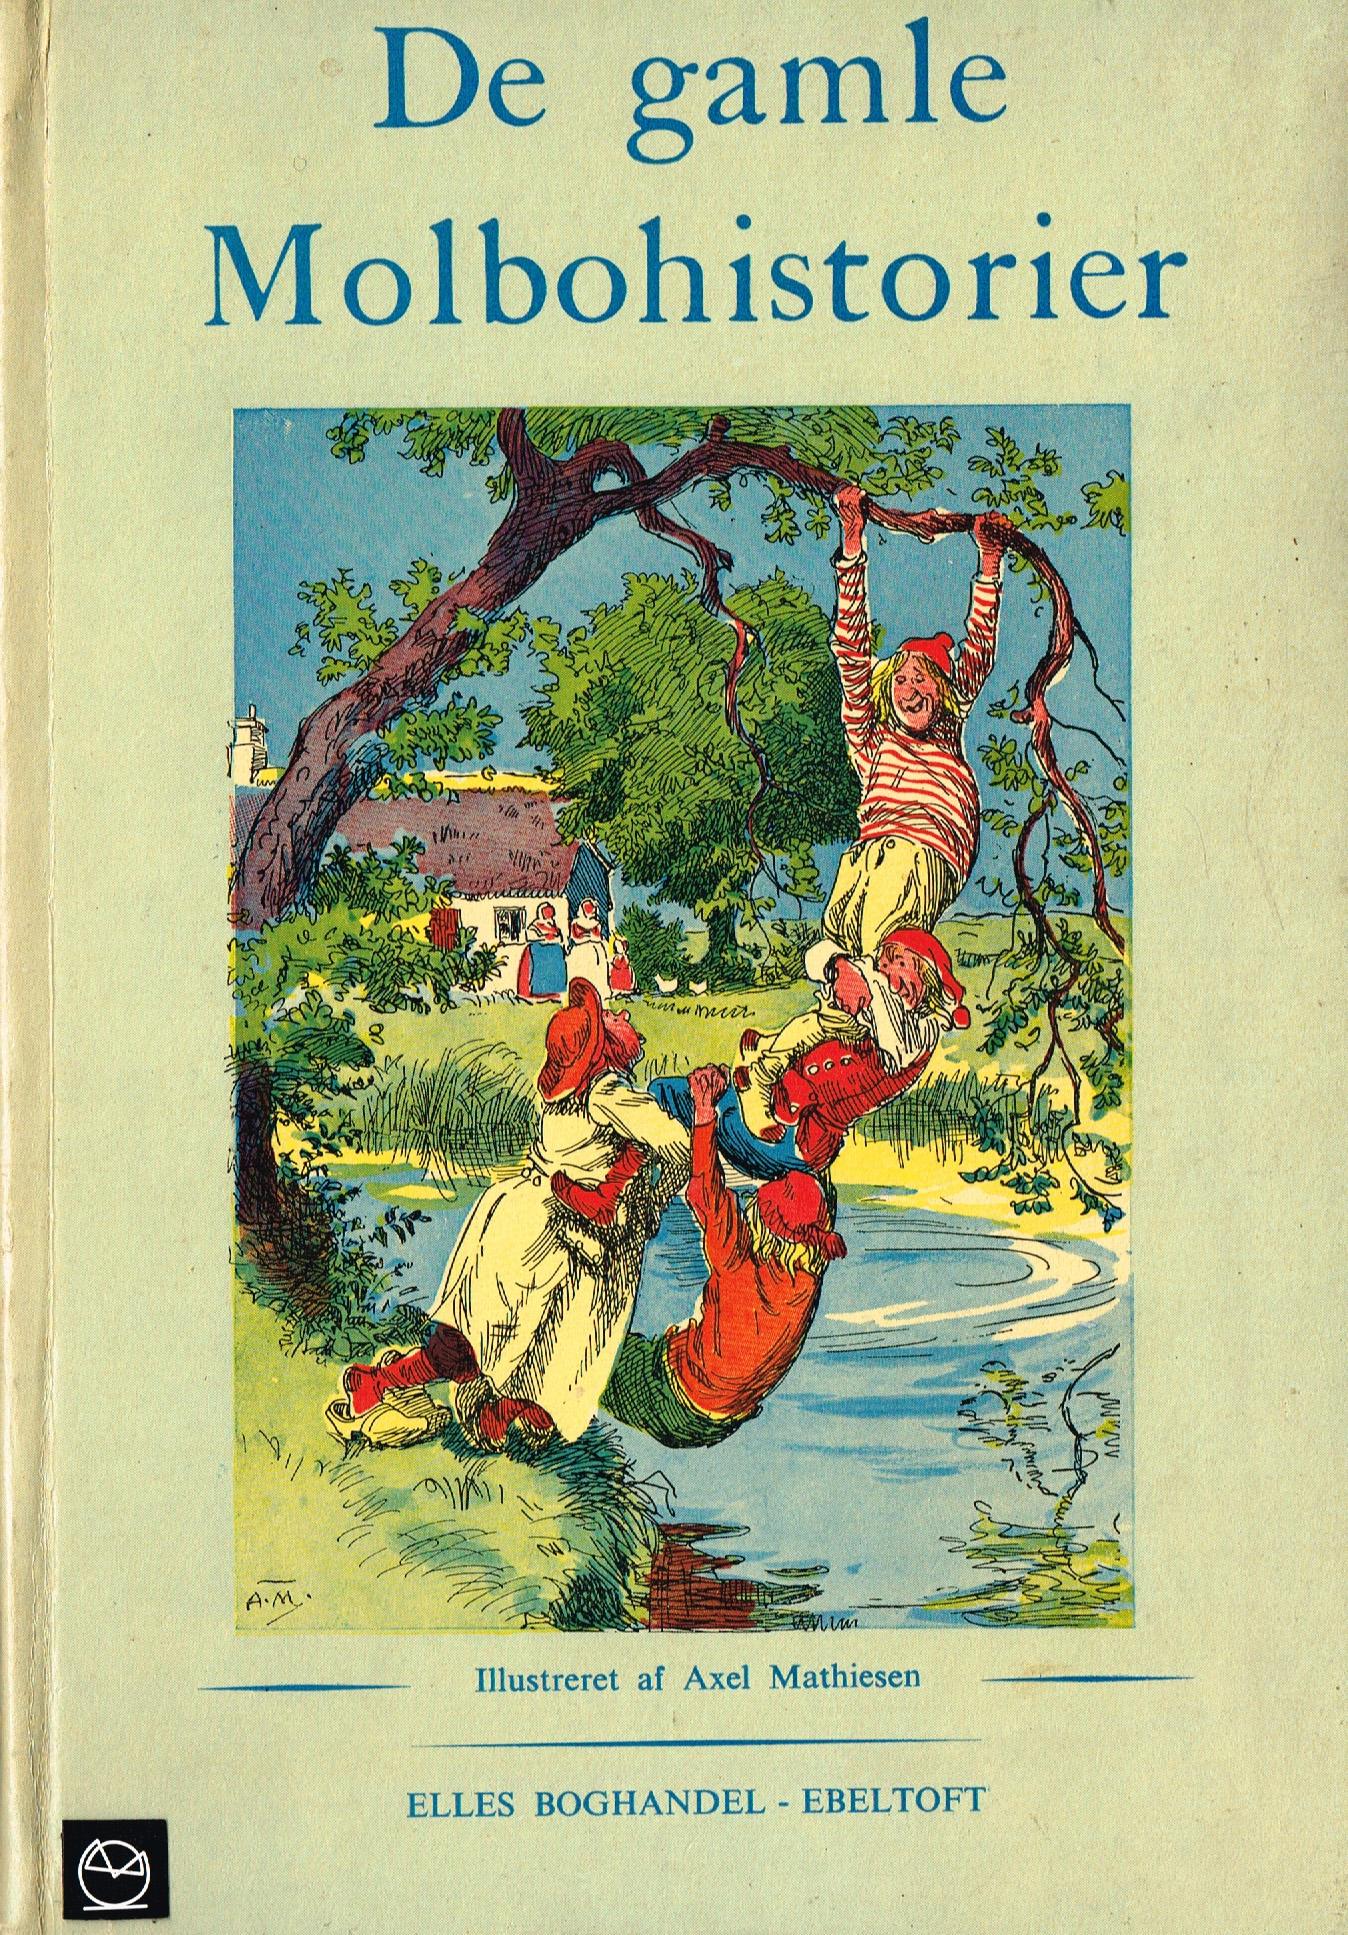 De gamle molbohistorier billedbog